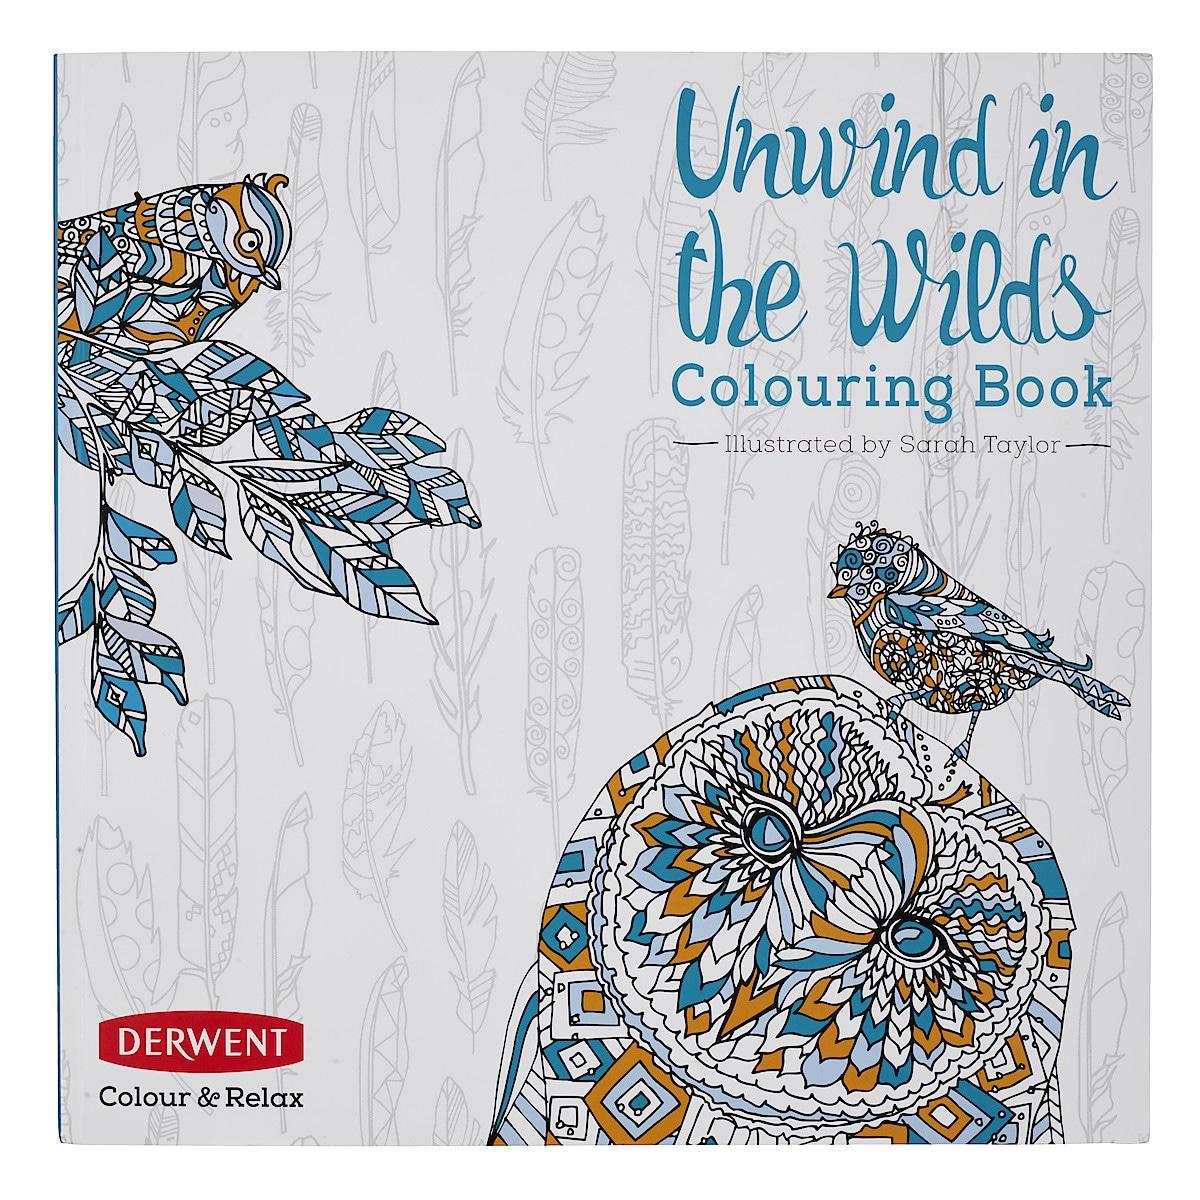 Aikuisten värityskirja Unwind in the wilds